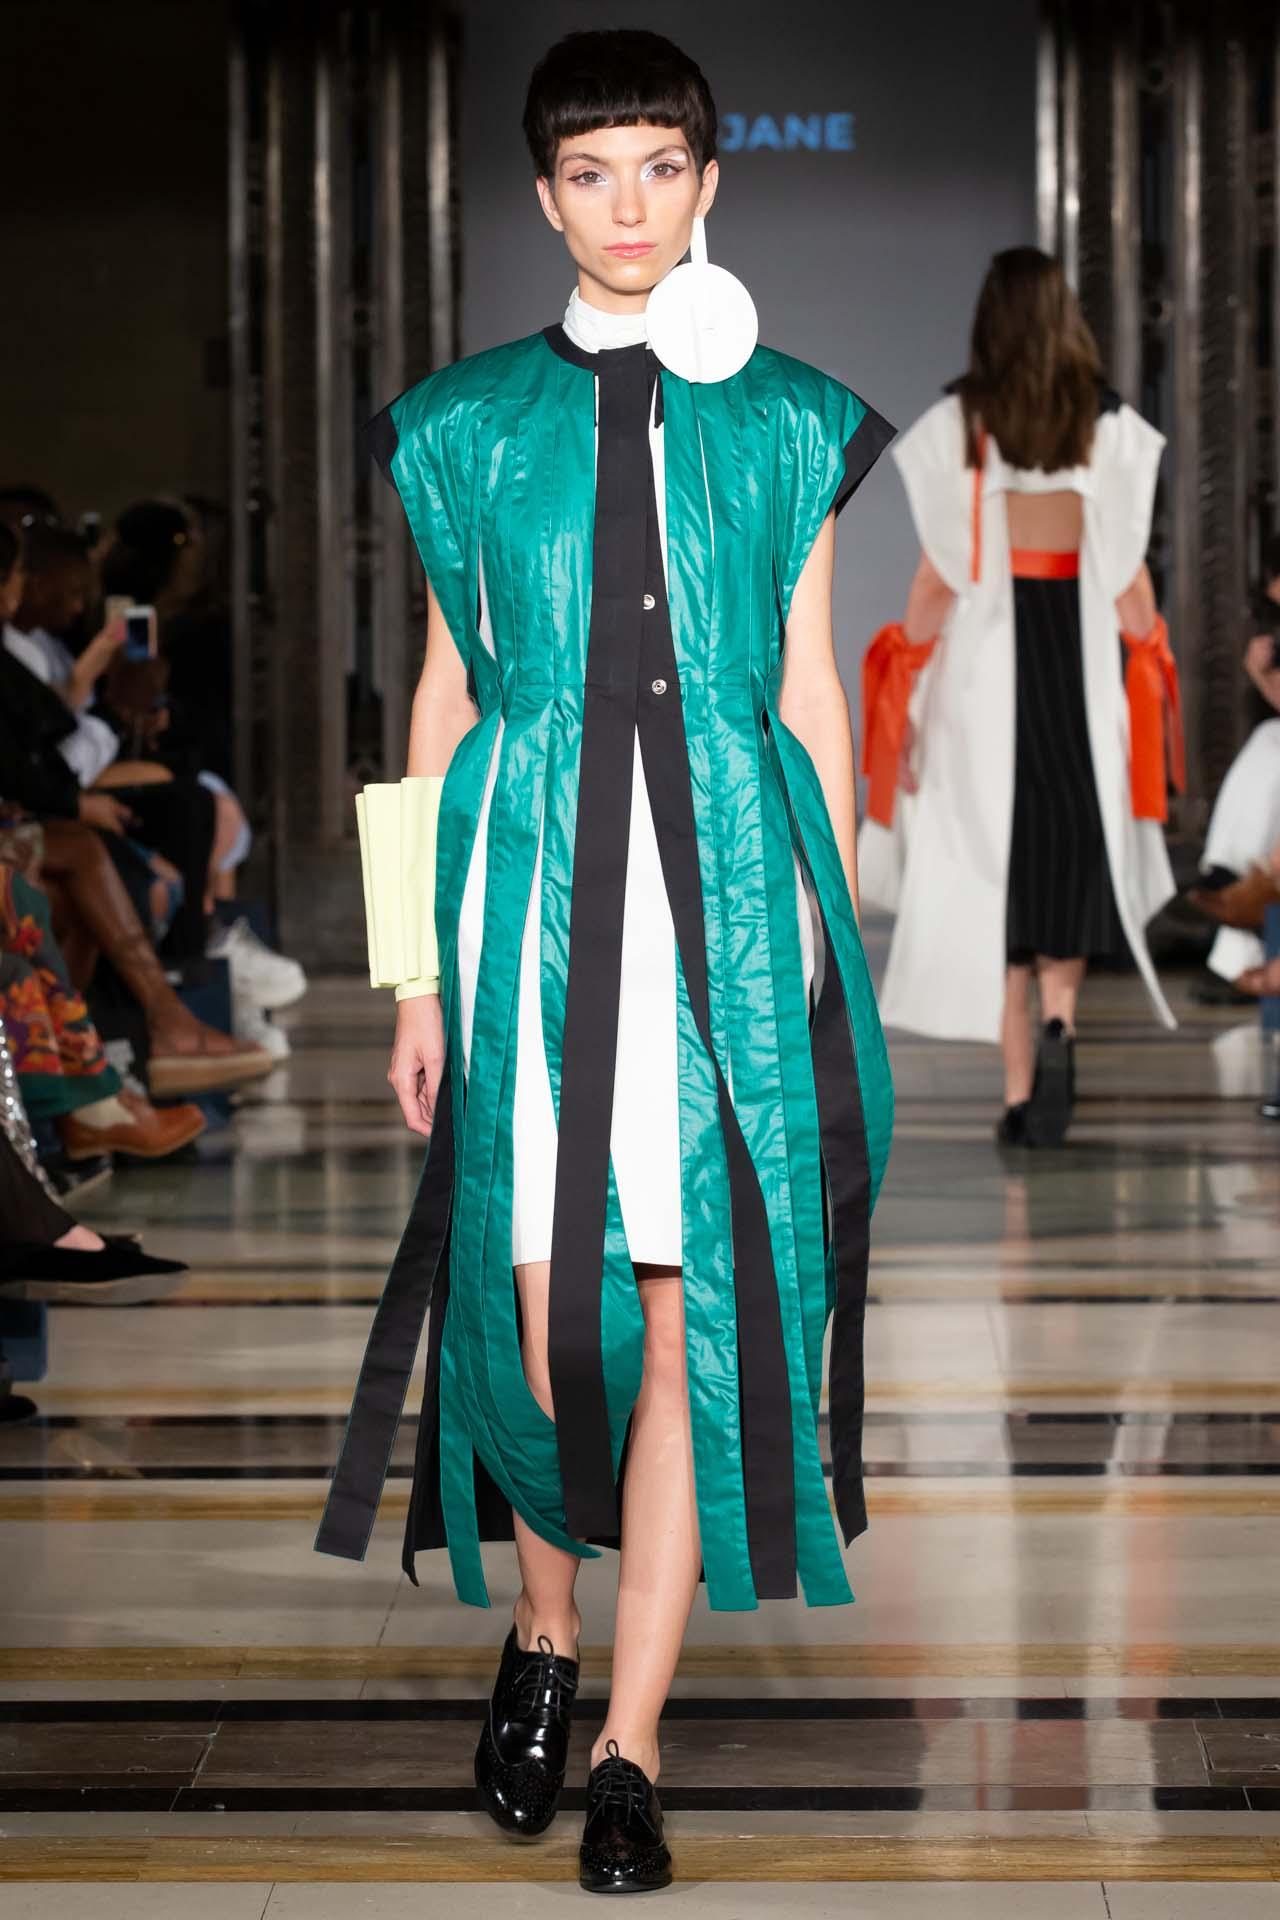 A jane lfw fashion scout (3)